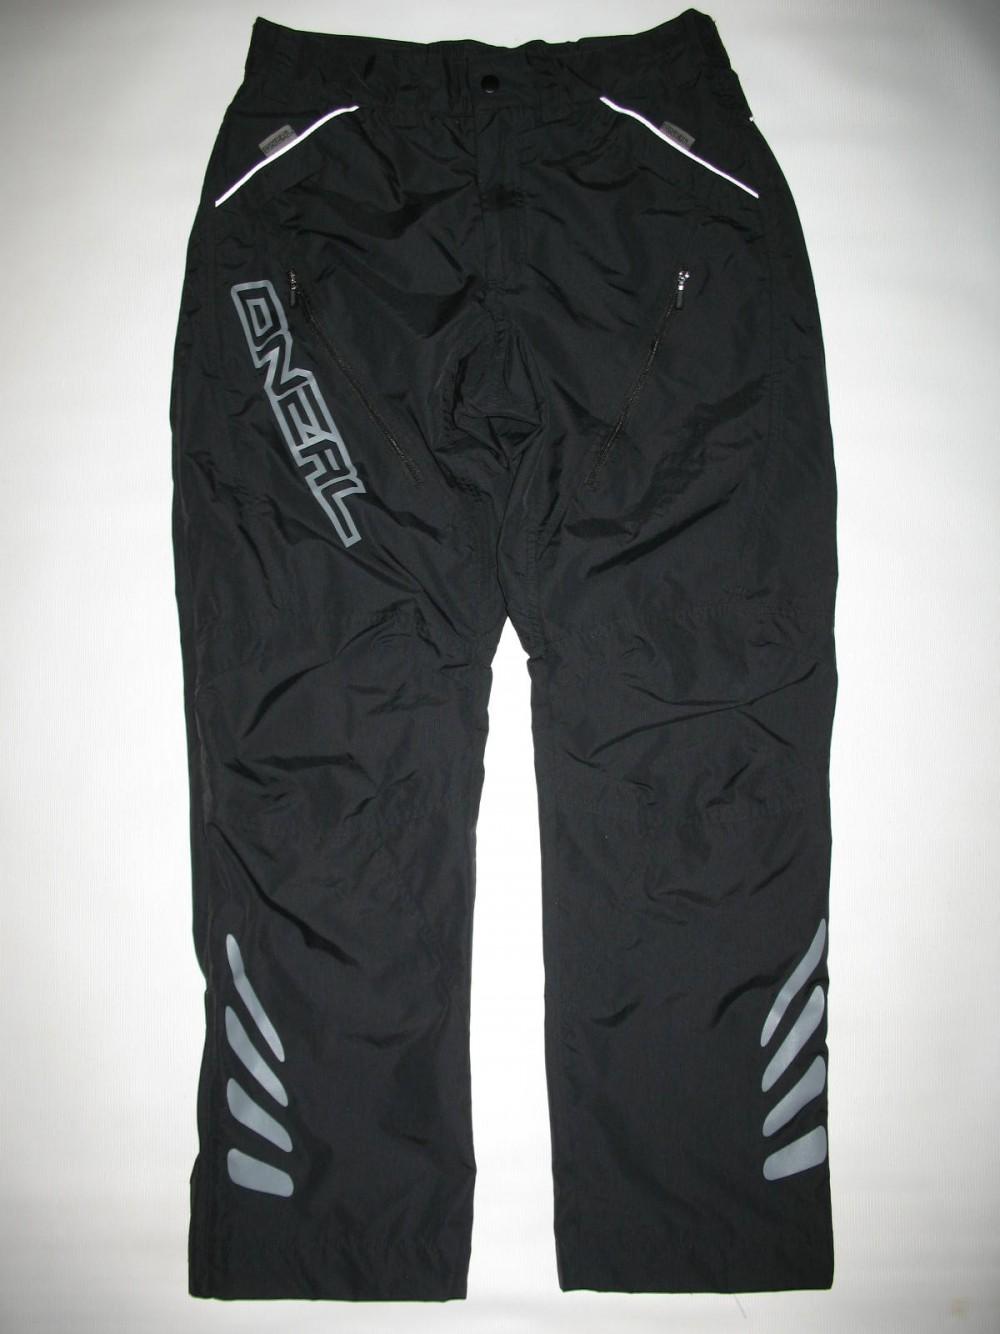 Штаны ONEAL predator III bike pants (размер 48/M) - 5